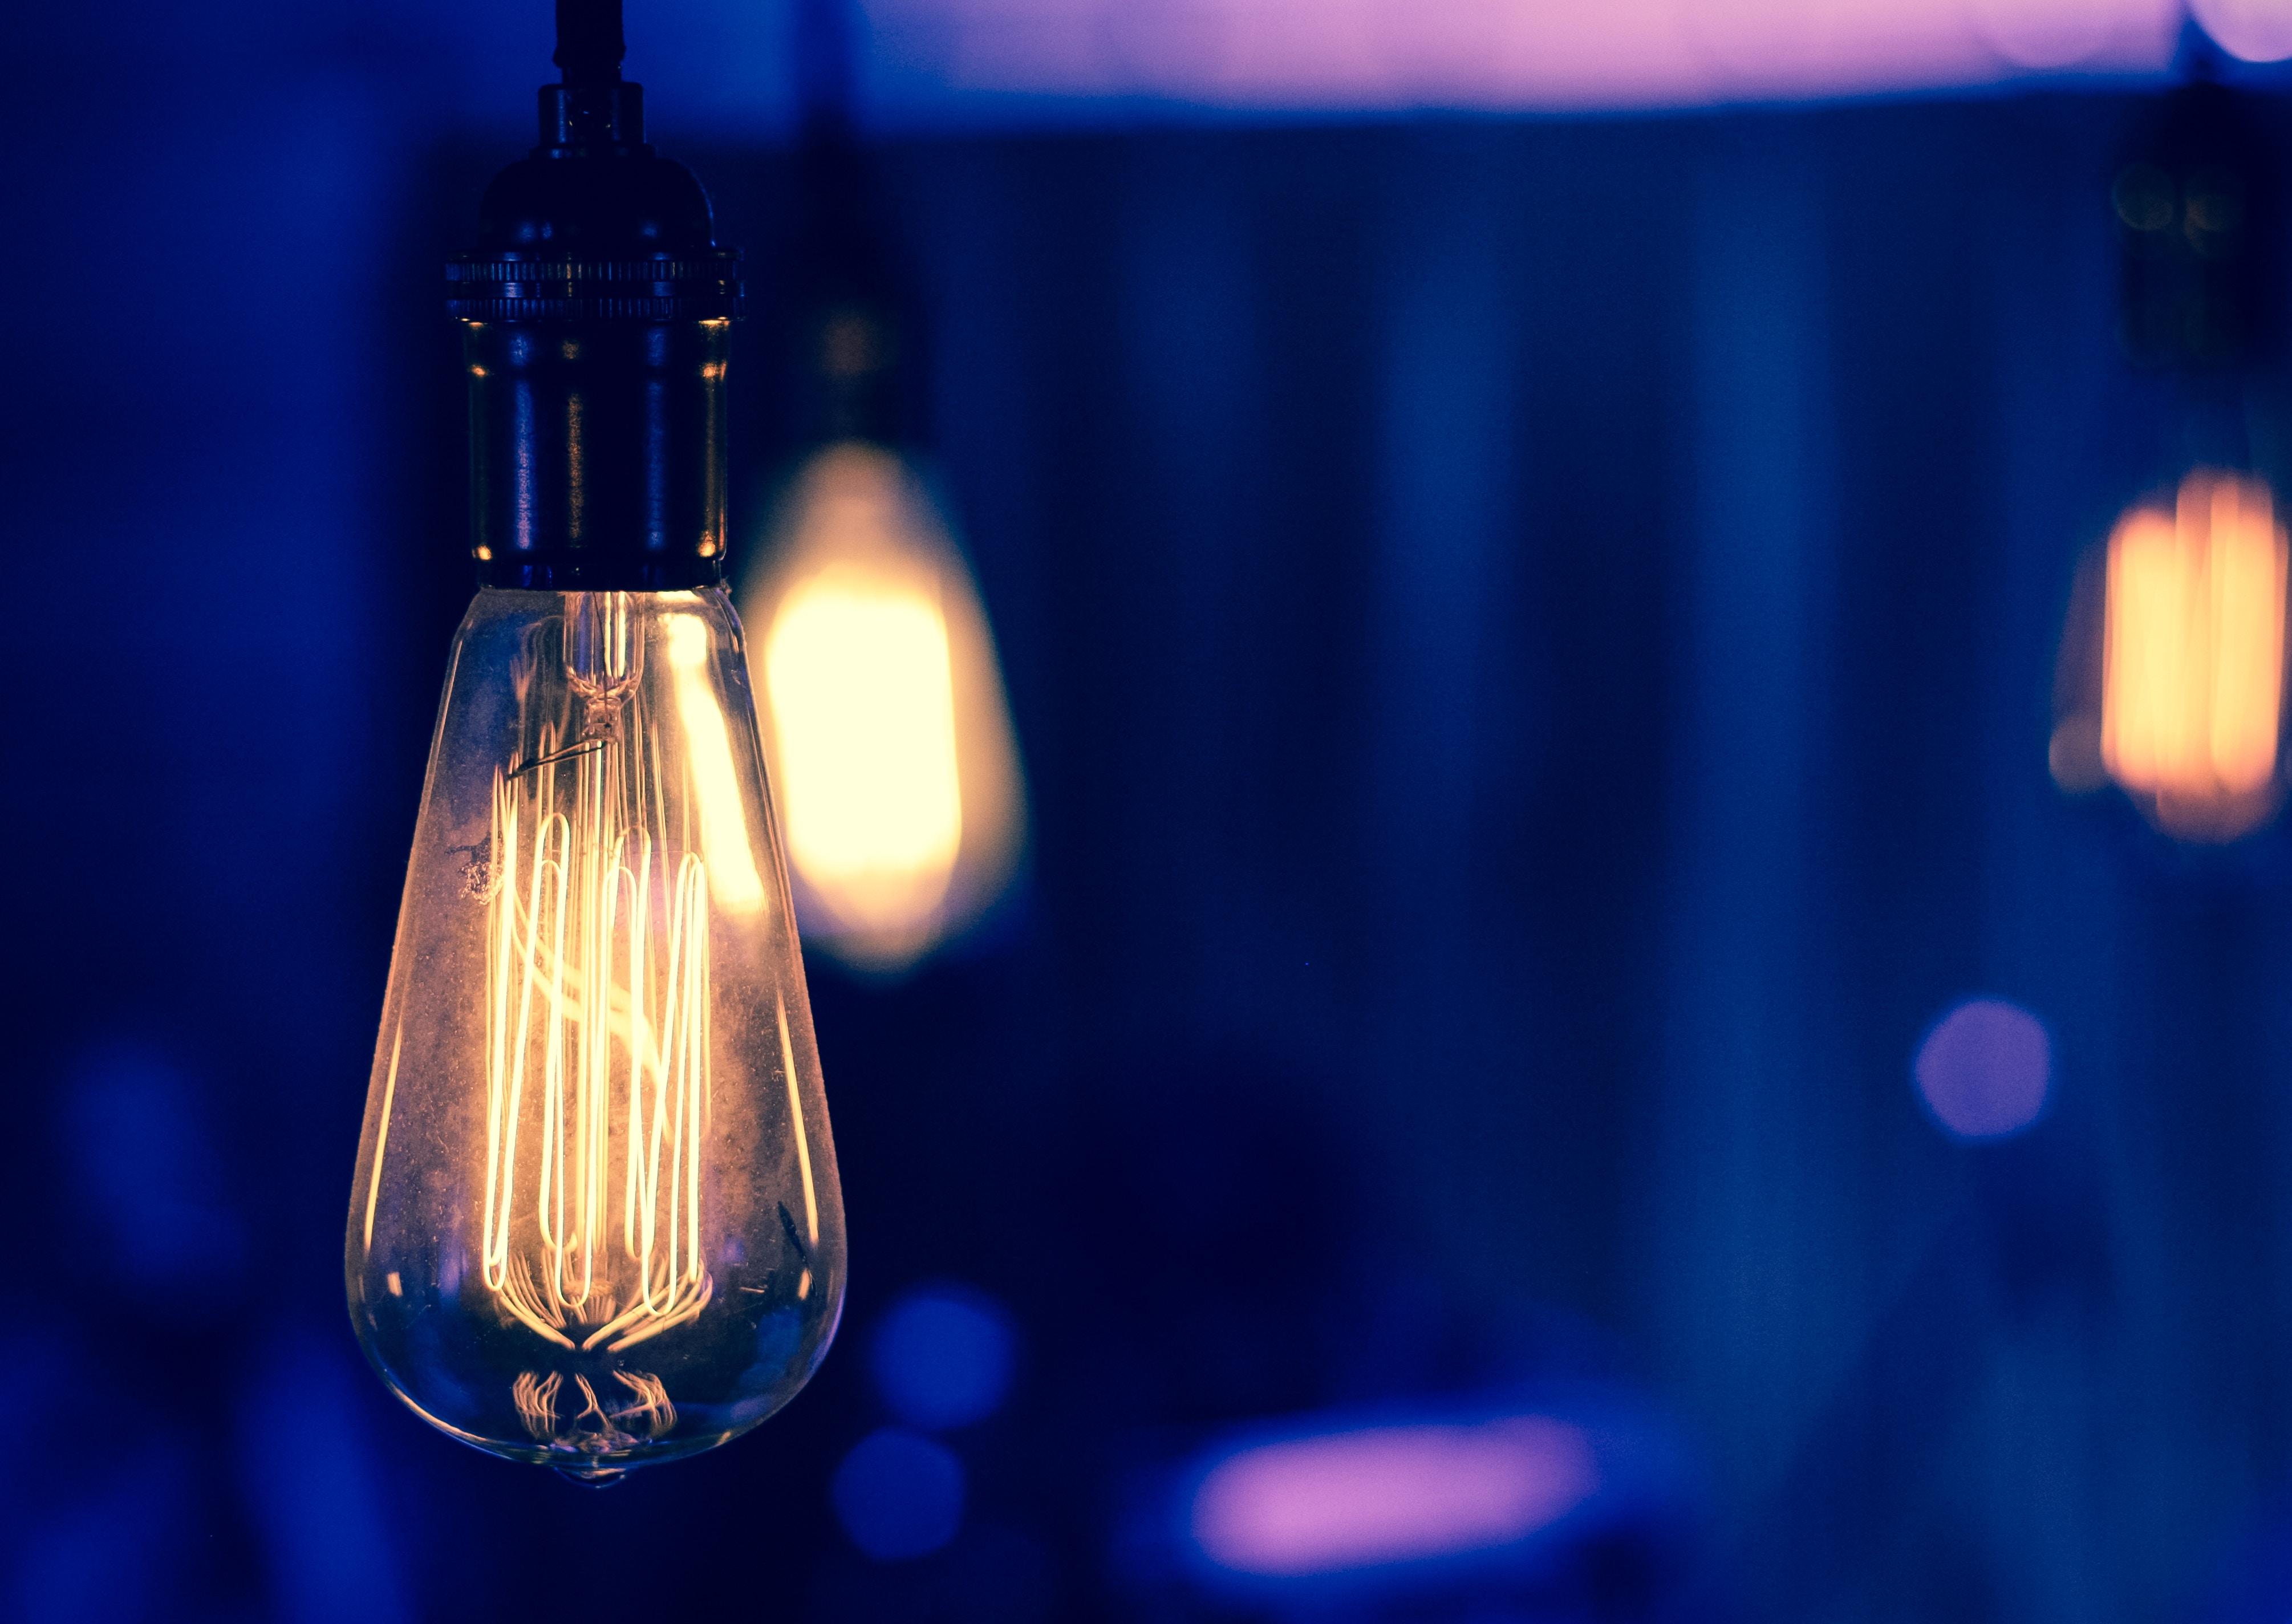 Sähkötekniikan opiskelu käytännössä: elektroniikan perusteet A